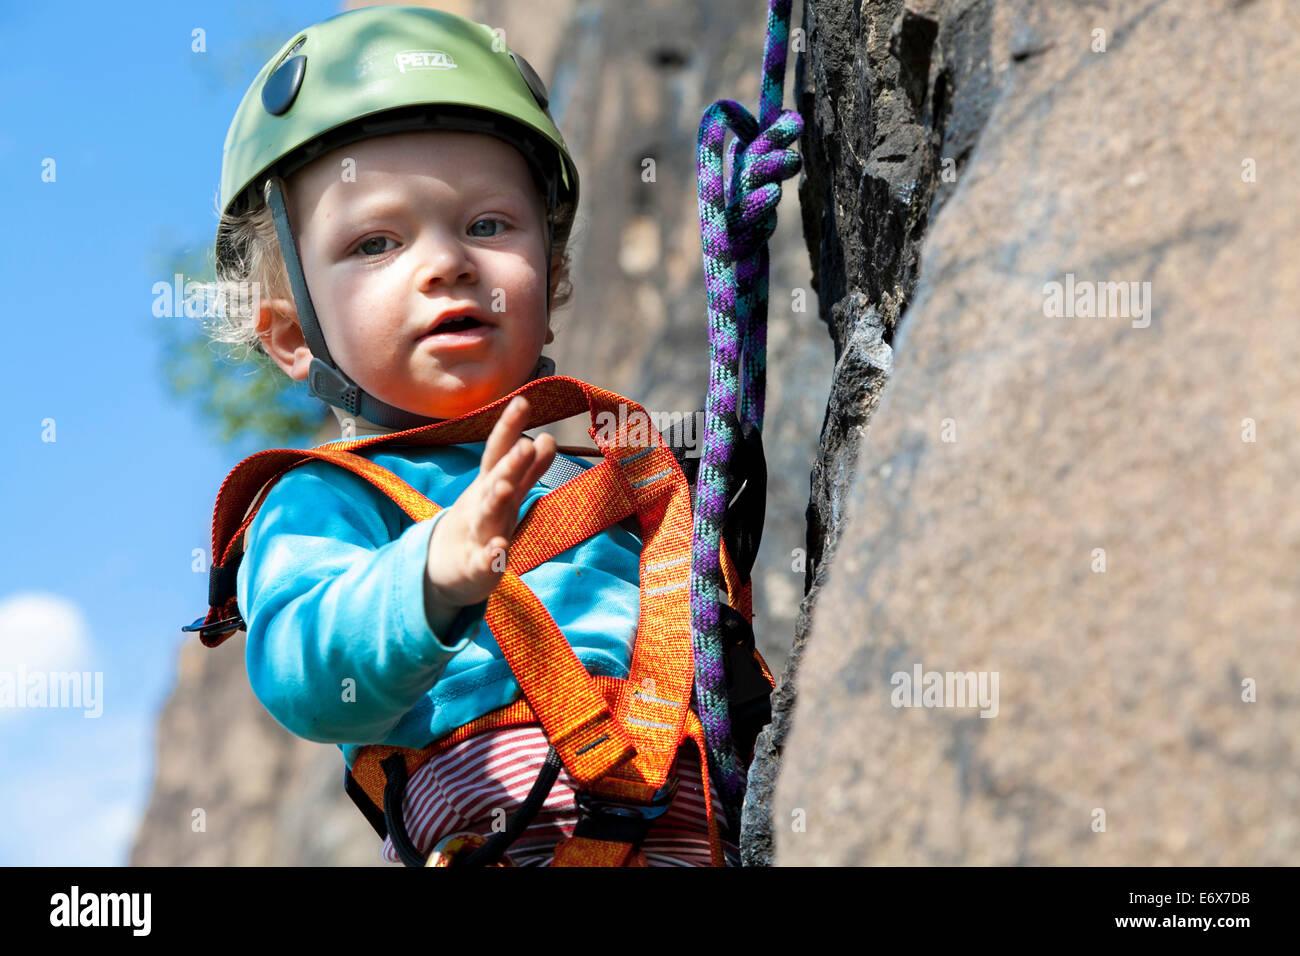 Kletterausrüstung In Der Nähe : Junge 2 jahre klettern in einem steinbruch der nähe von leipzig